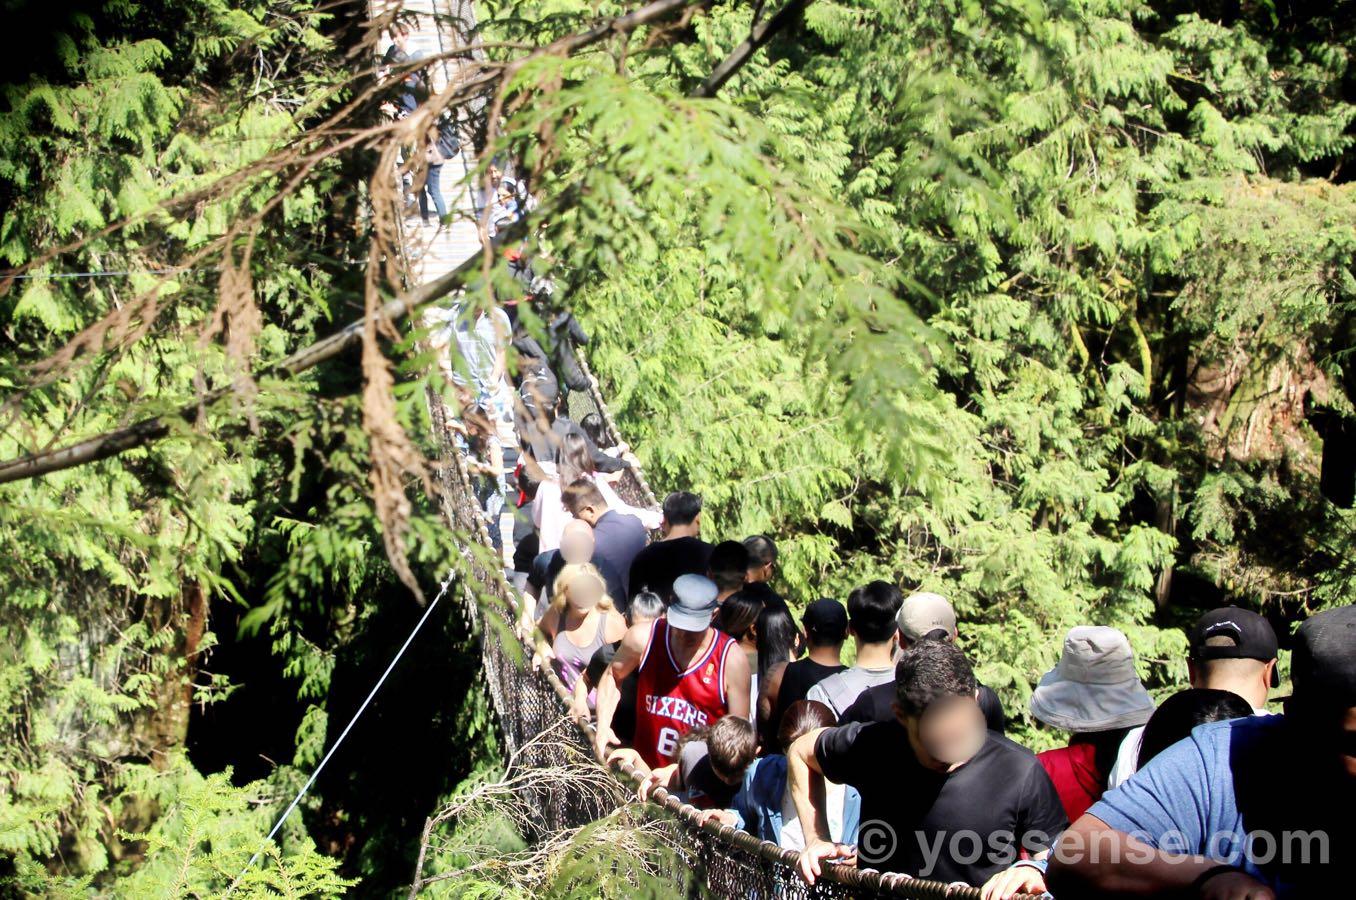 リン・キャニオン吊橋を見たところ